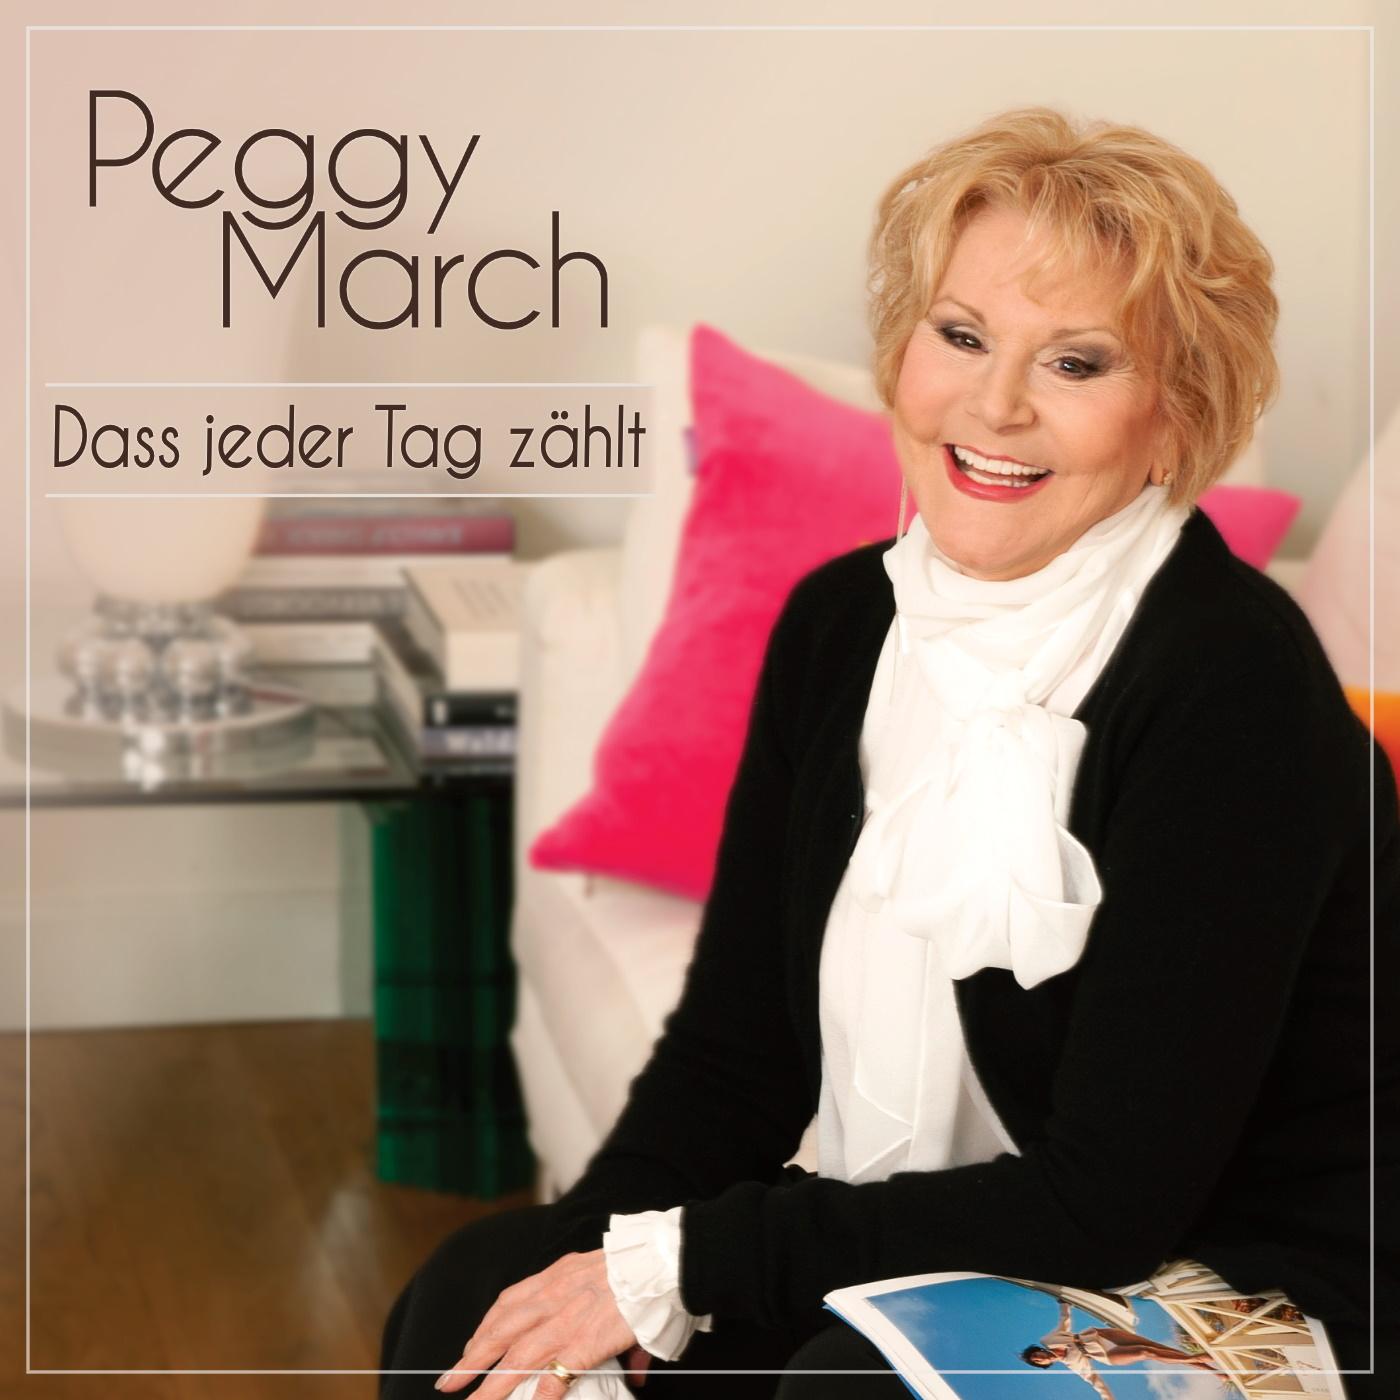 PEGGY MARCH * Dass jeder Tag zählt (Download-Track) *** Der letzte Text von Rudolf RUDI Müssig